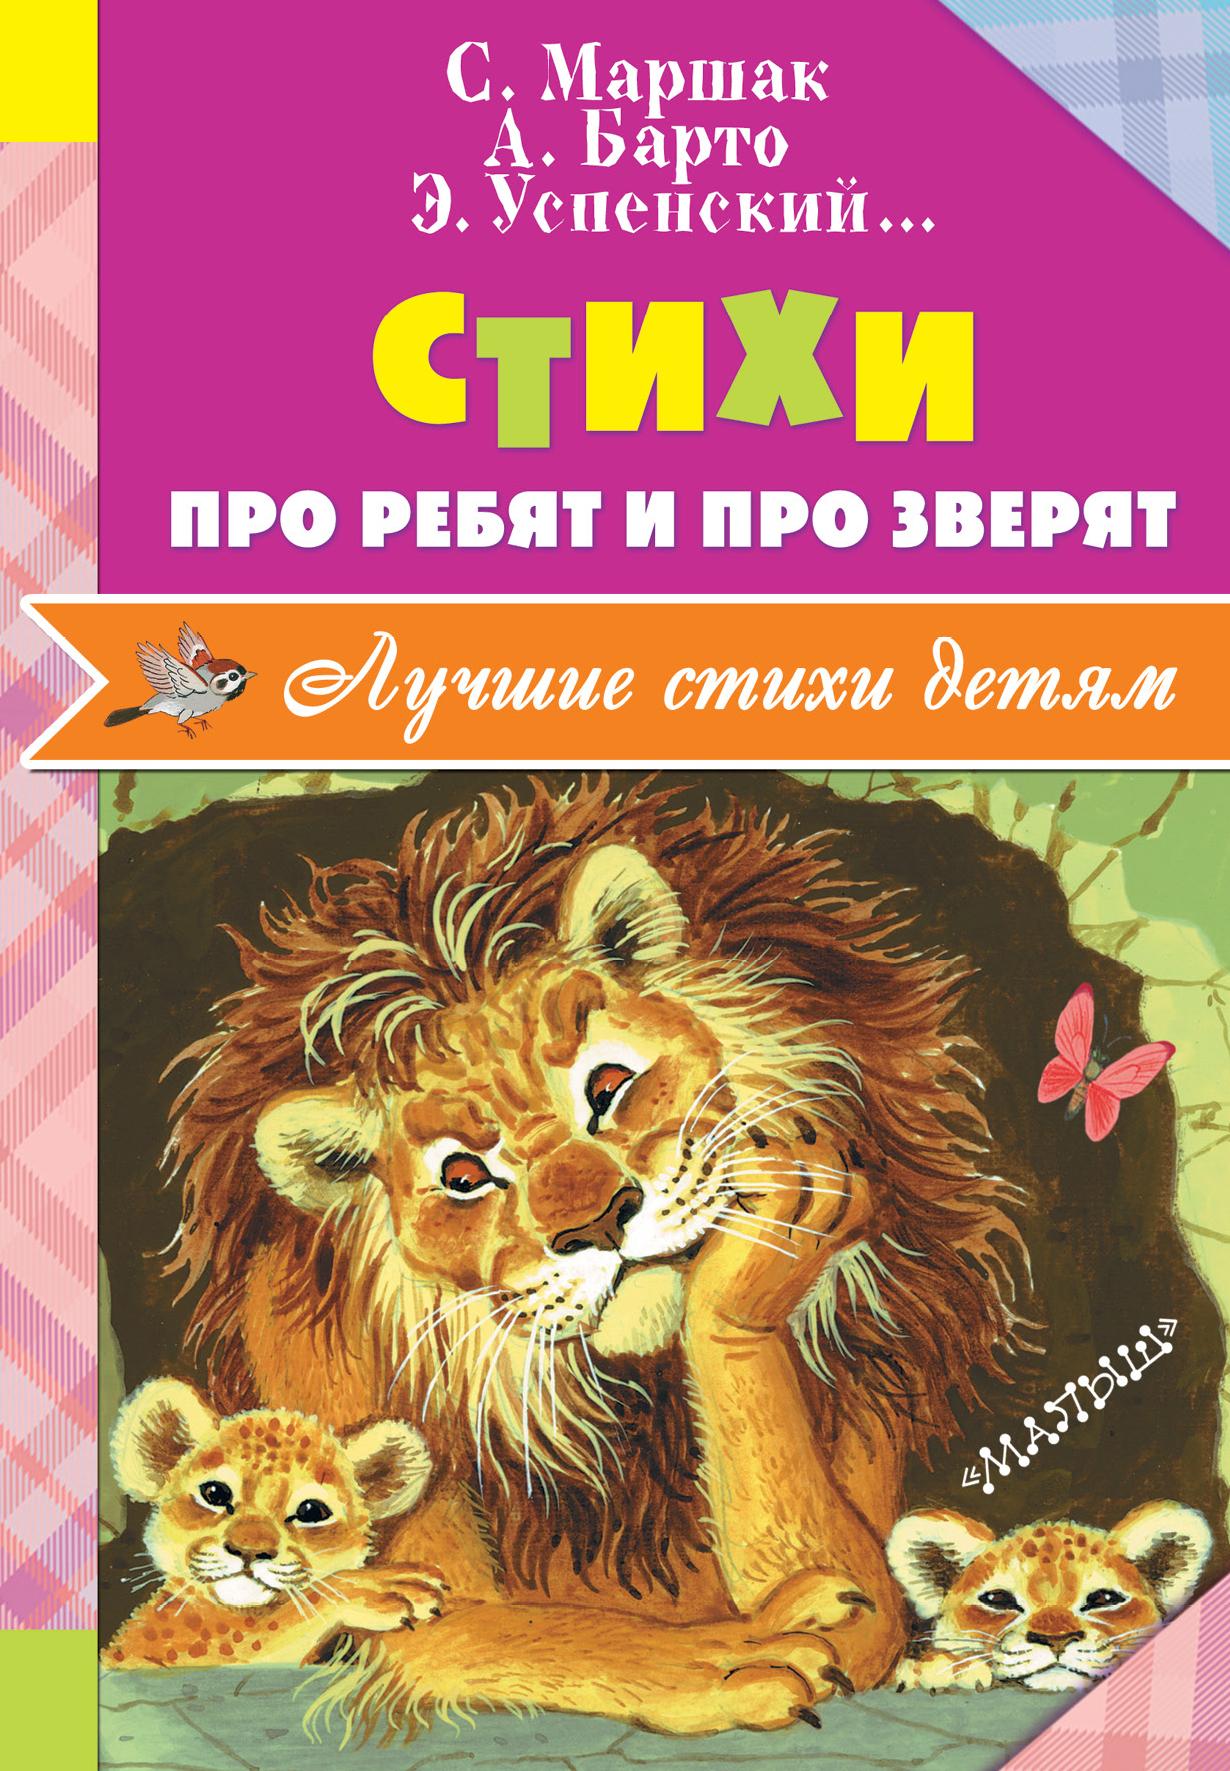 С. Маршак, А. Барто, Э. Успенский Стихи про ребят и про зверят